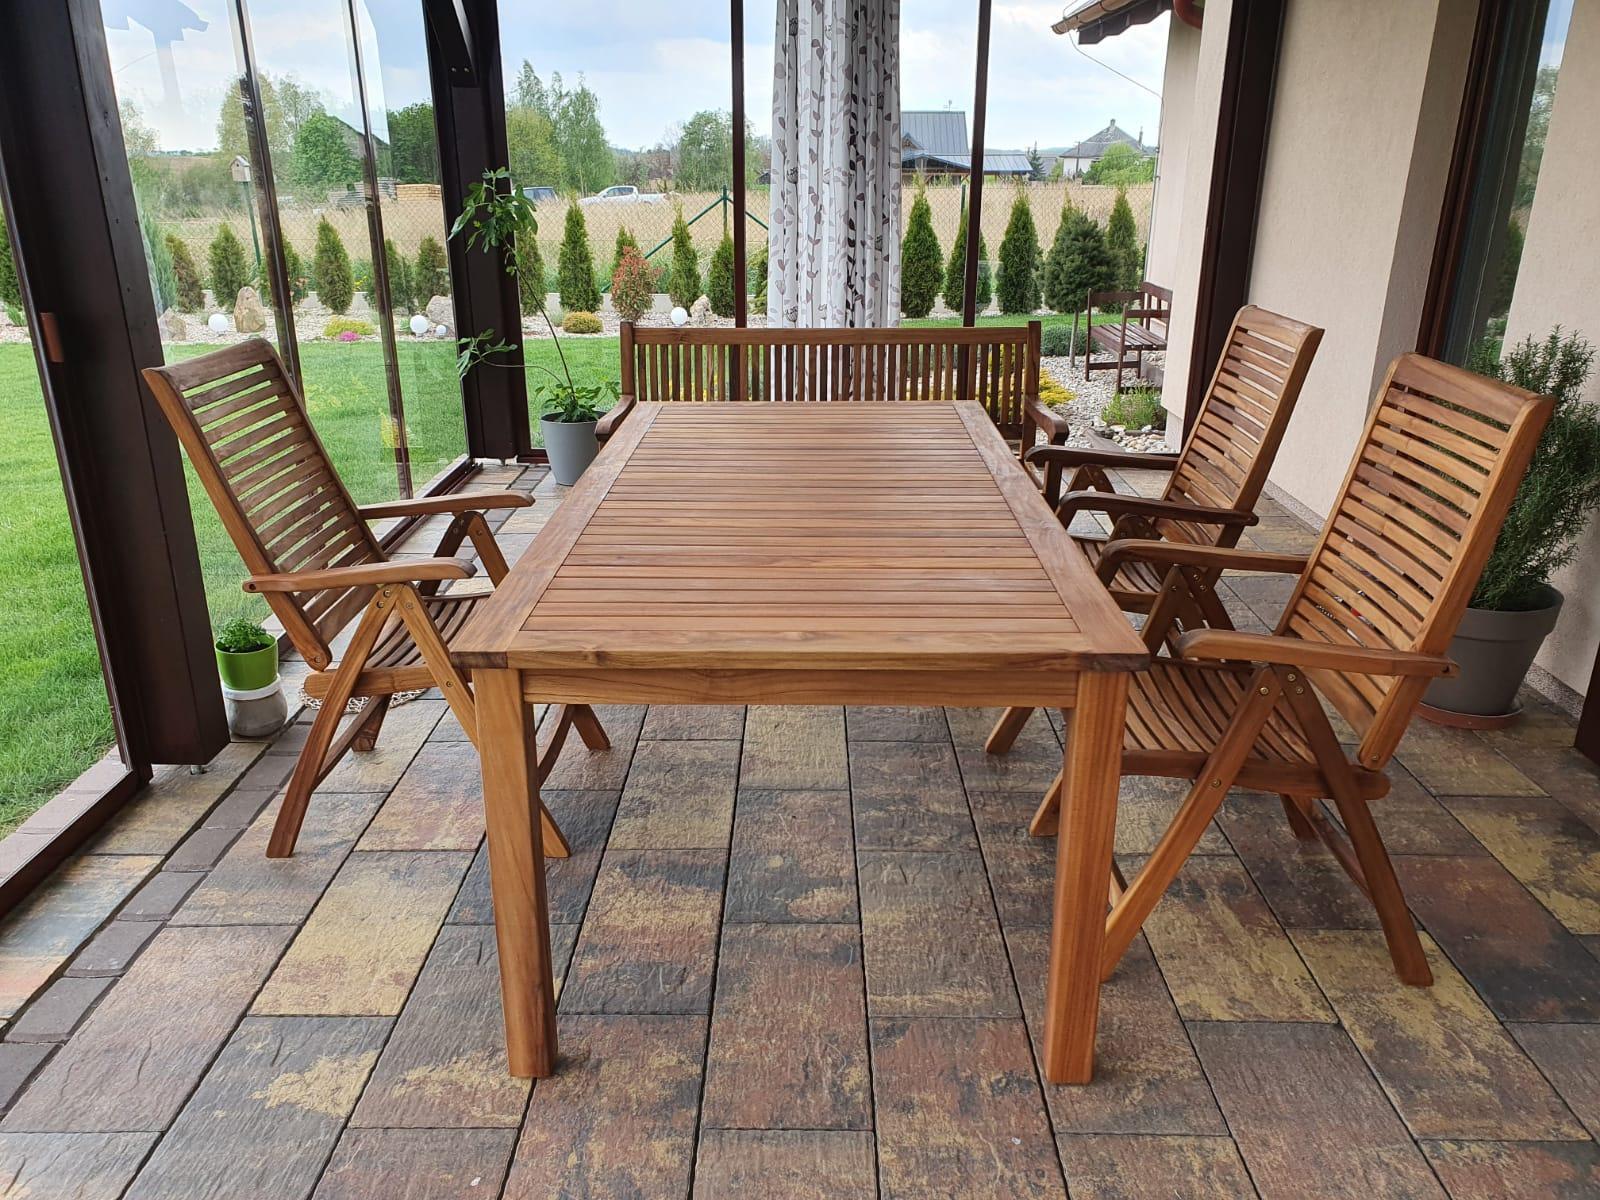 Teakový nábytek z Mountfieldu, nakonec stejně vyhrálo dřevo. Zatím 1x natřený teakovým olejem. Na 1 židli ještě čekáme. - Obrázek č. 1